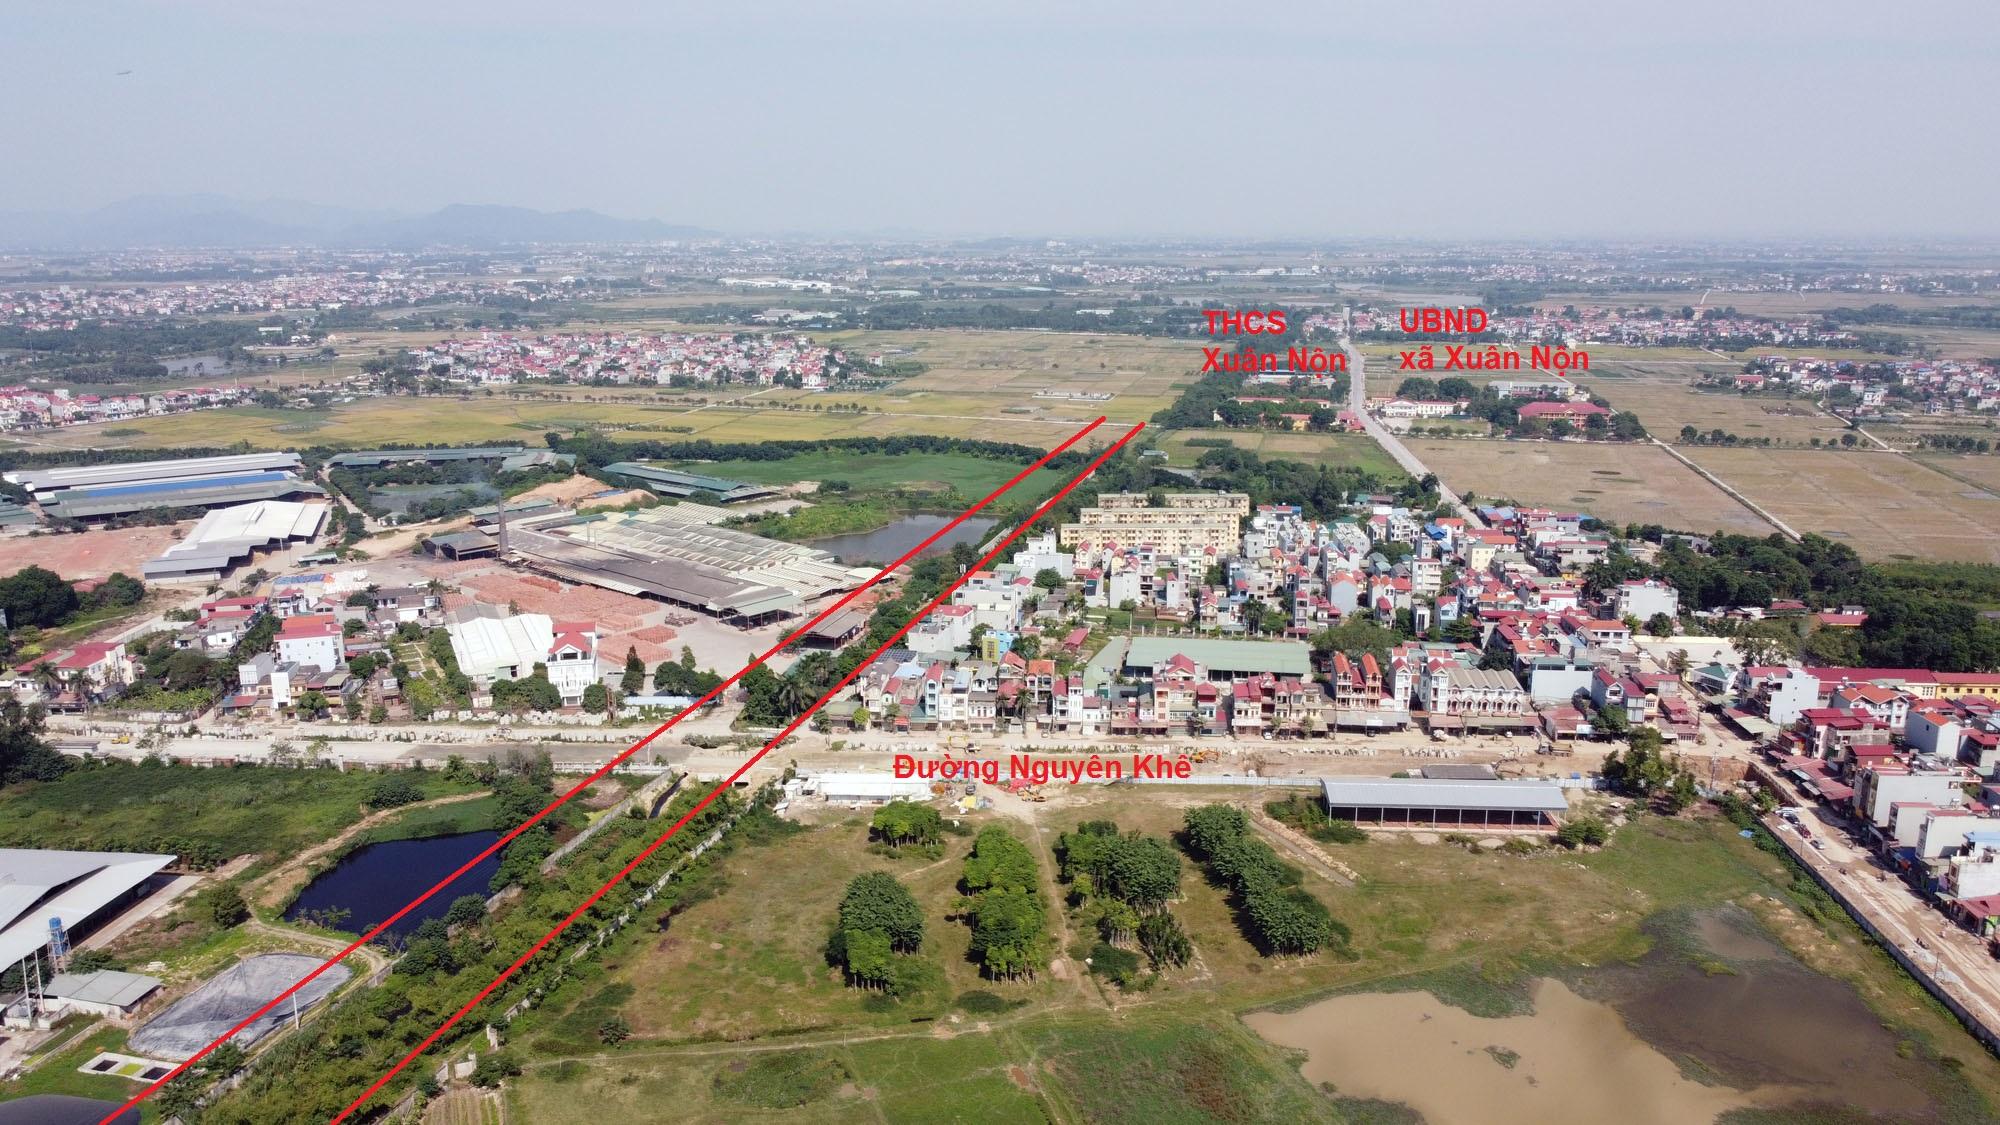 Vị trí ba đường sẽ mở theo qui hoạch ở xã Xuân Nộn, Đông Anh, Hà Nội - Ảnh 8.